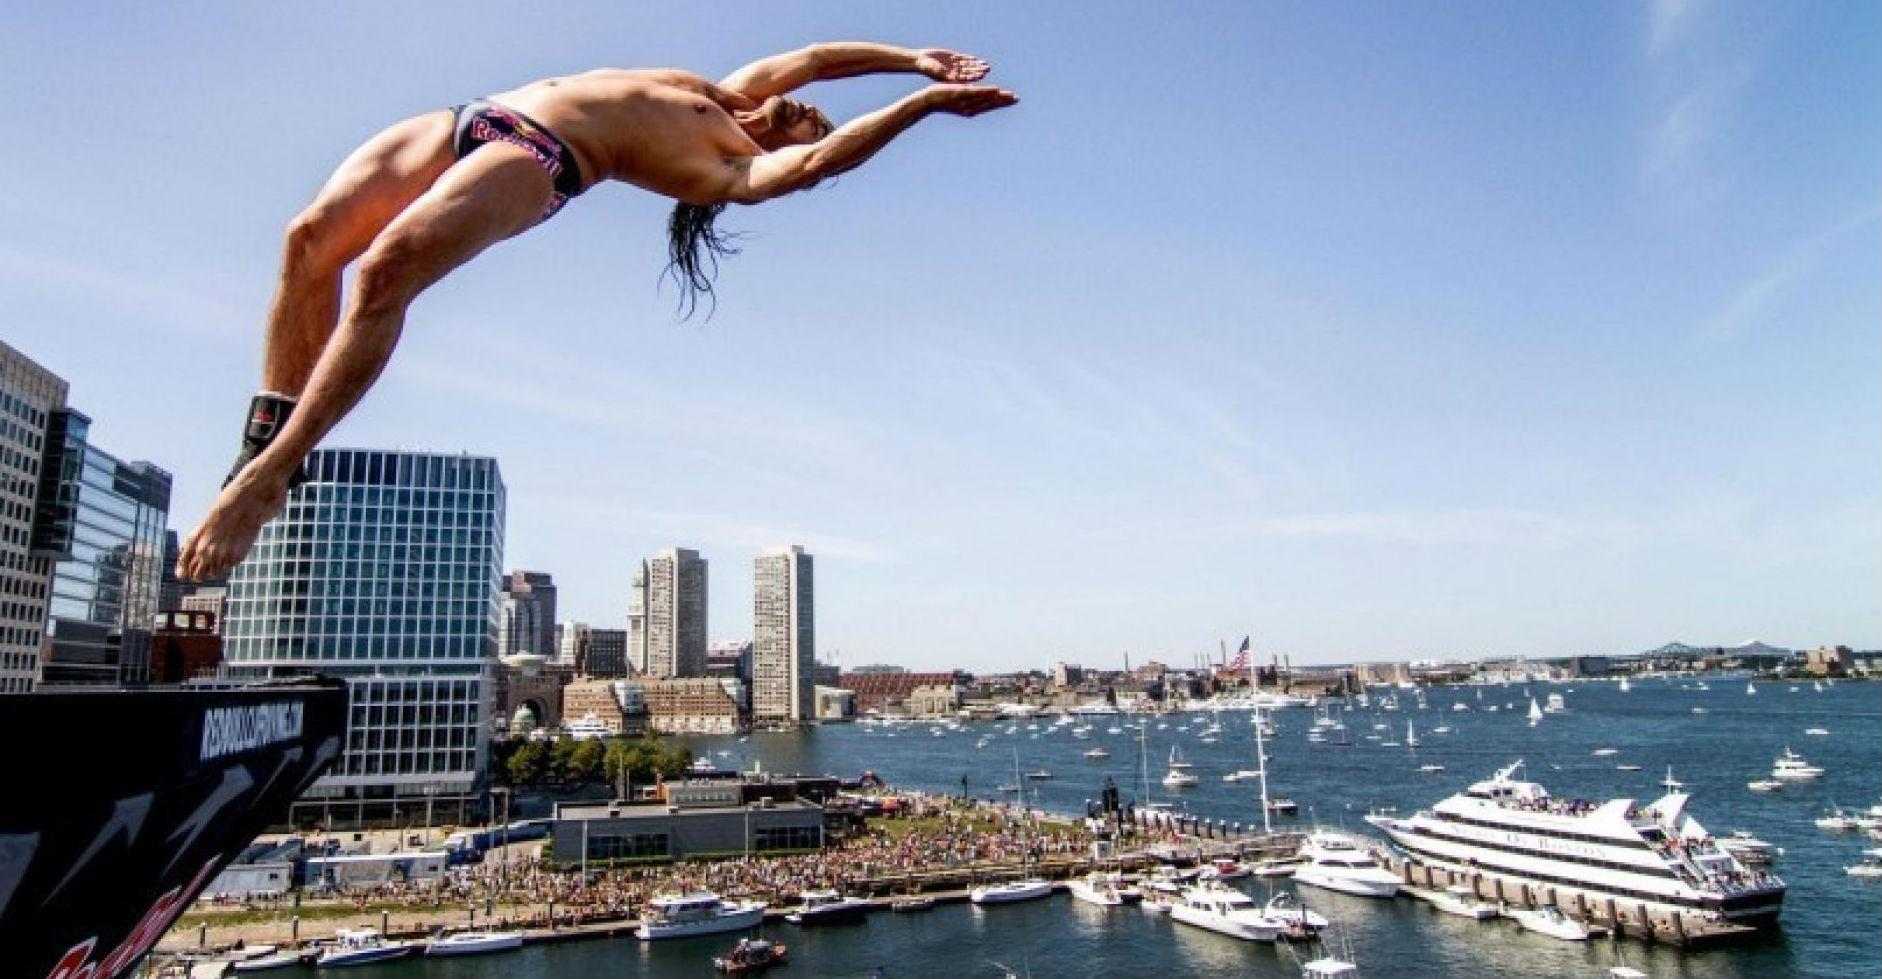 La presentación de este deportista, será uno de los grandes atractivos de la Fiesta del Mar este año.